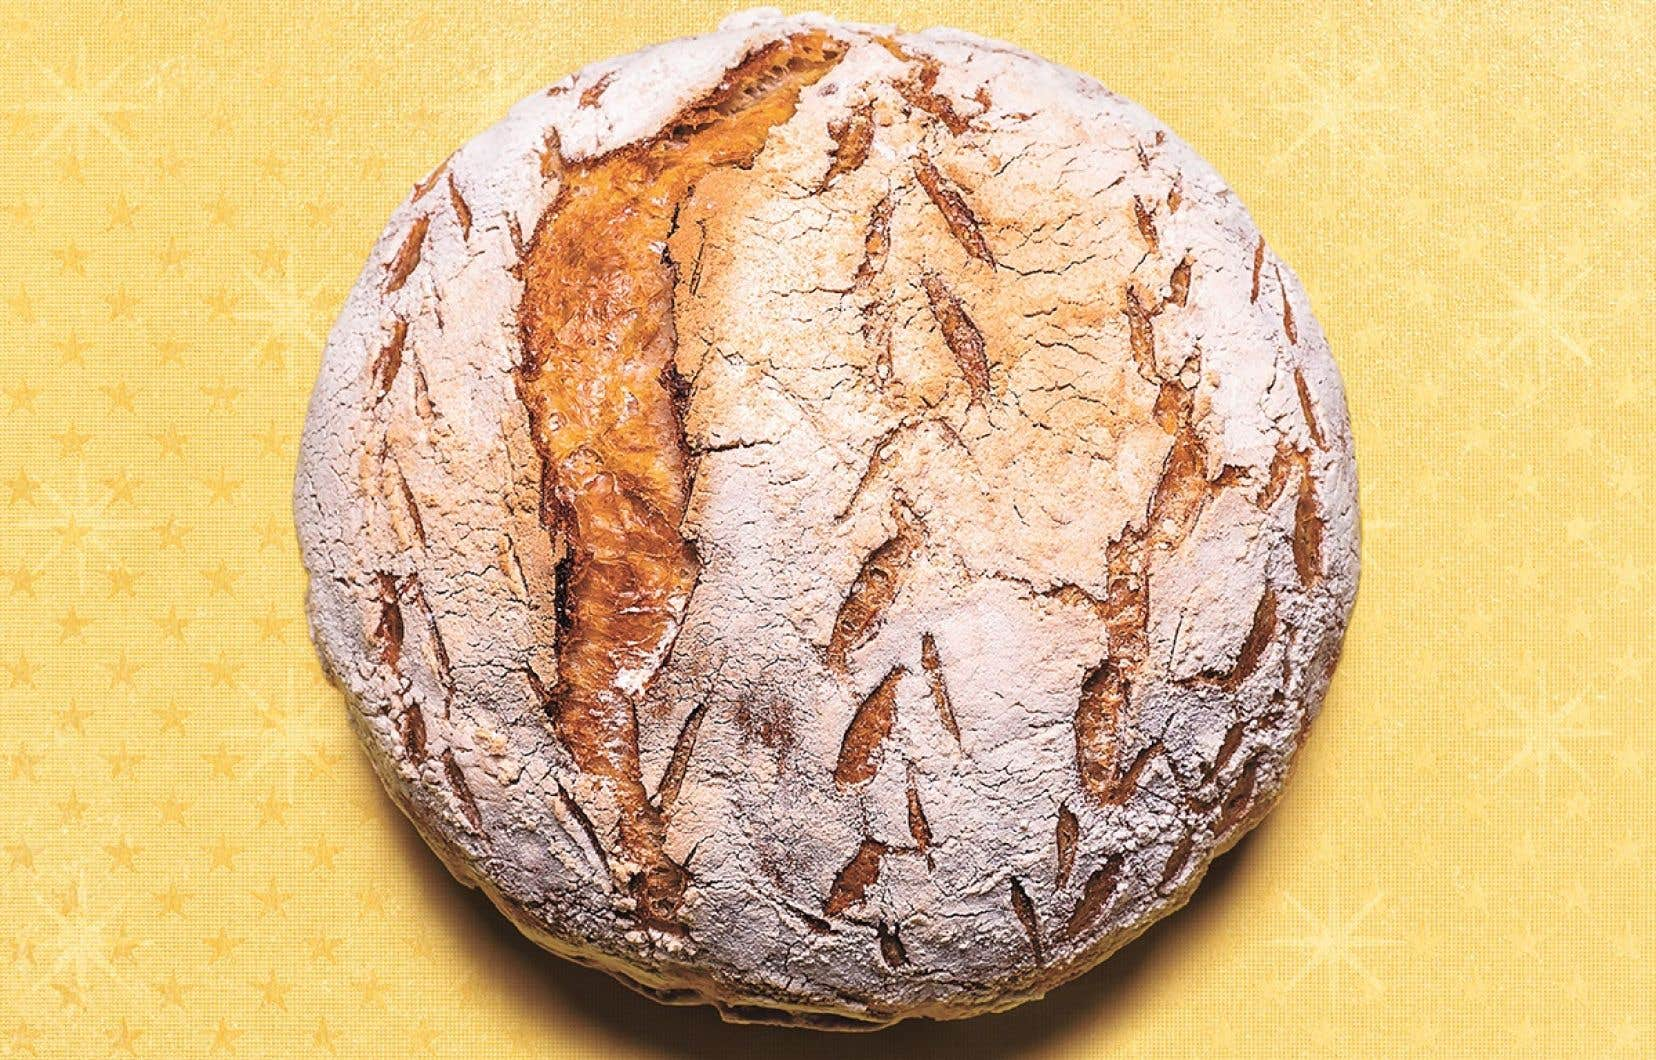 Selon les données d'une enquête sur l'impact de la COVID-19 sur le comportement des consommateurs, «les ventes dans l'allée de produits nécessaires pour la boulangerie ont bondi, augmentant de 26%» entre le début de l'année et le 4 avril 2020.